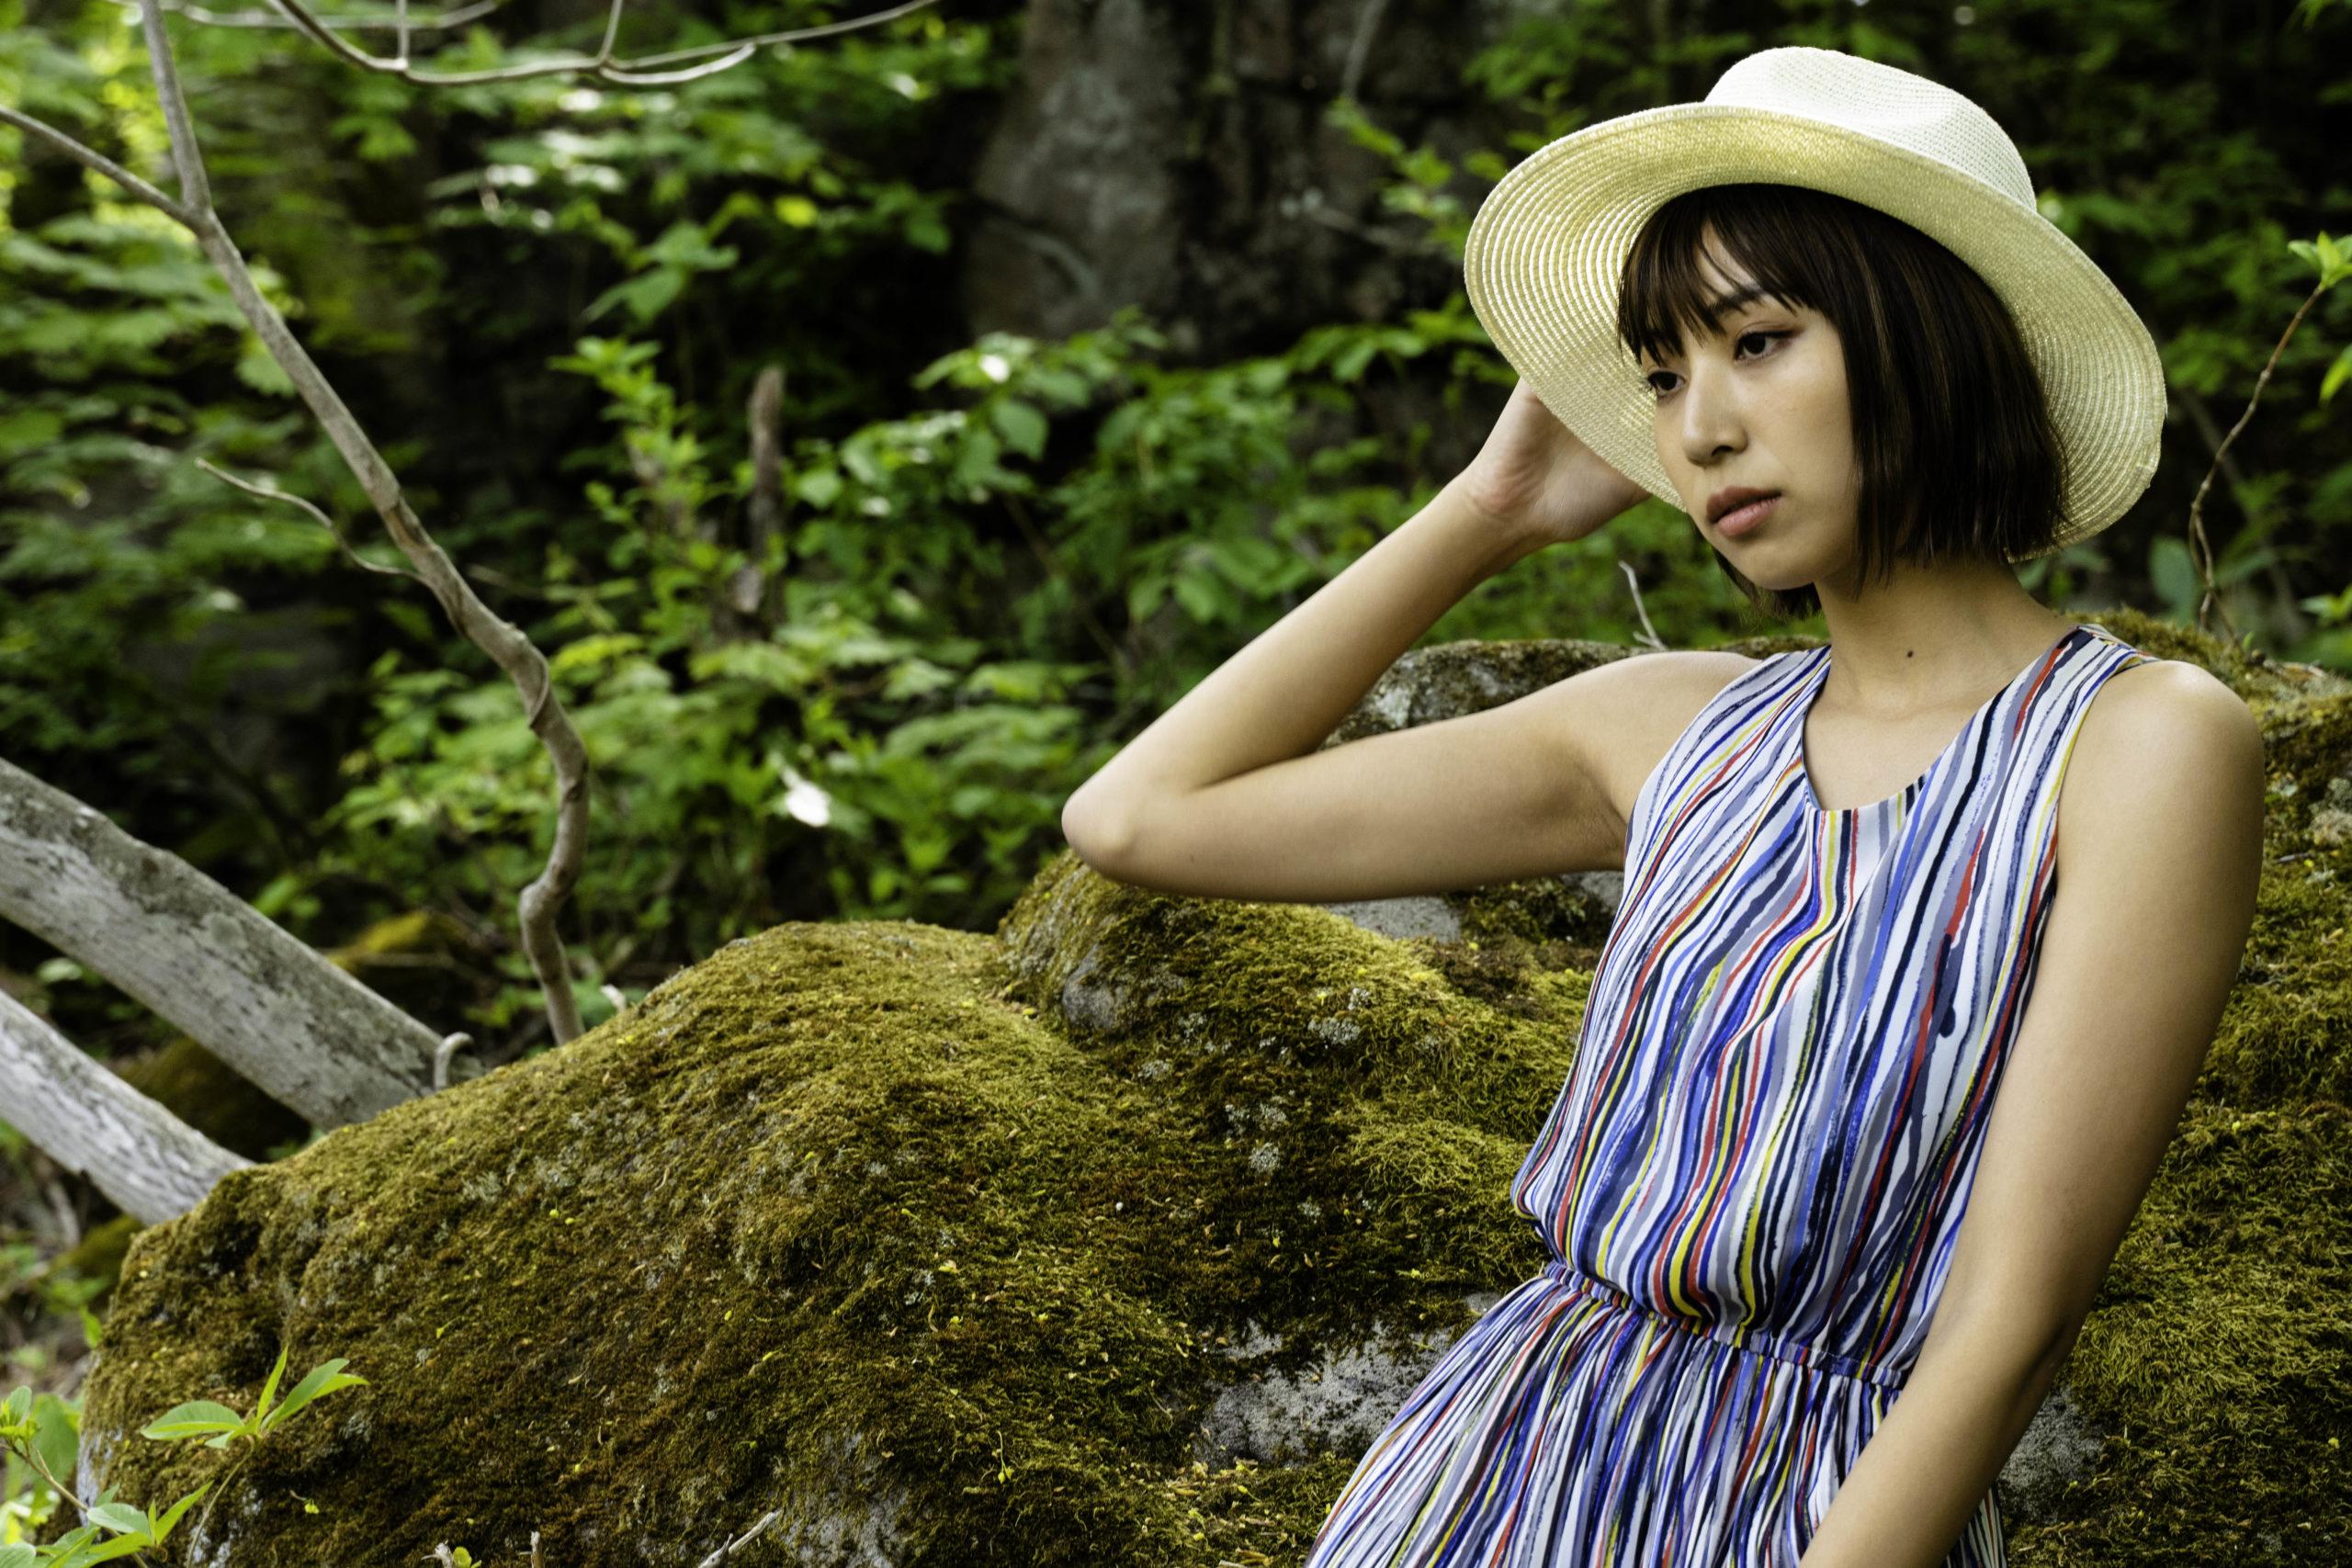 志賀高原での古賀あかねさんの写真